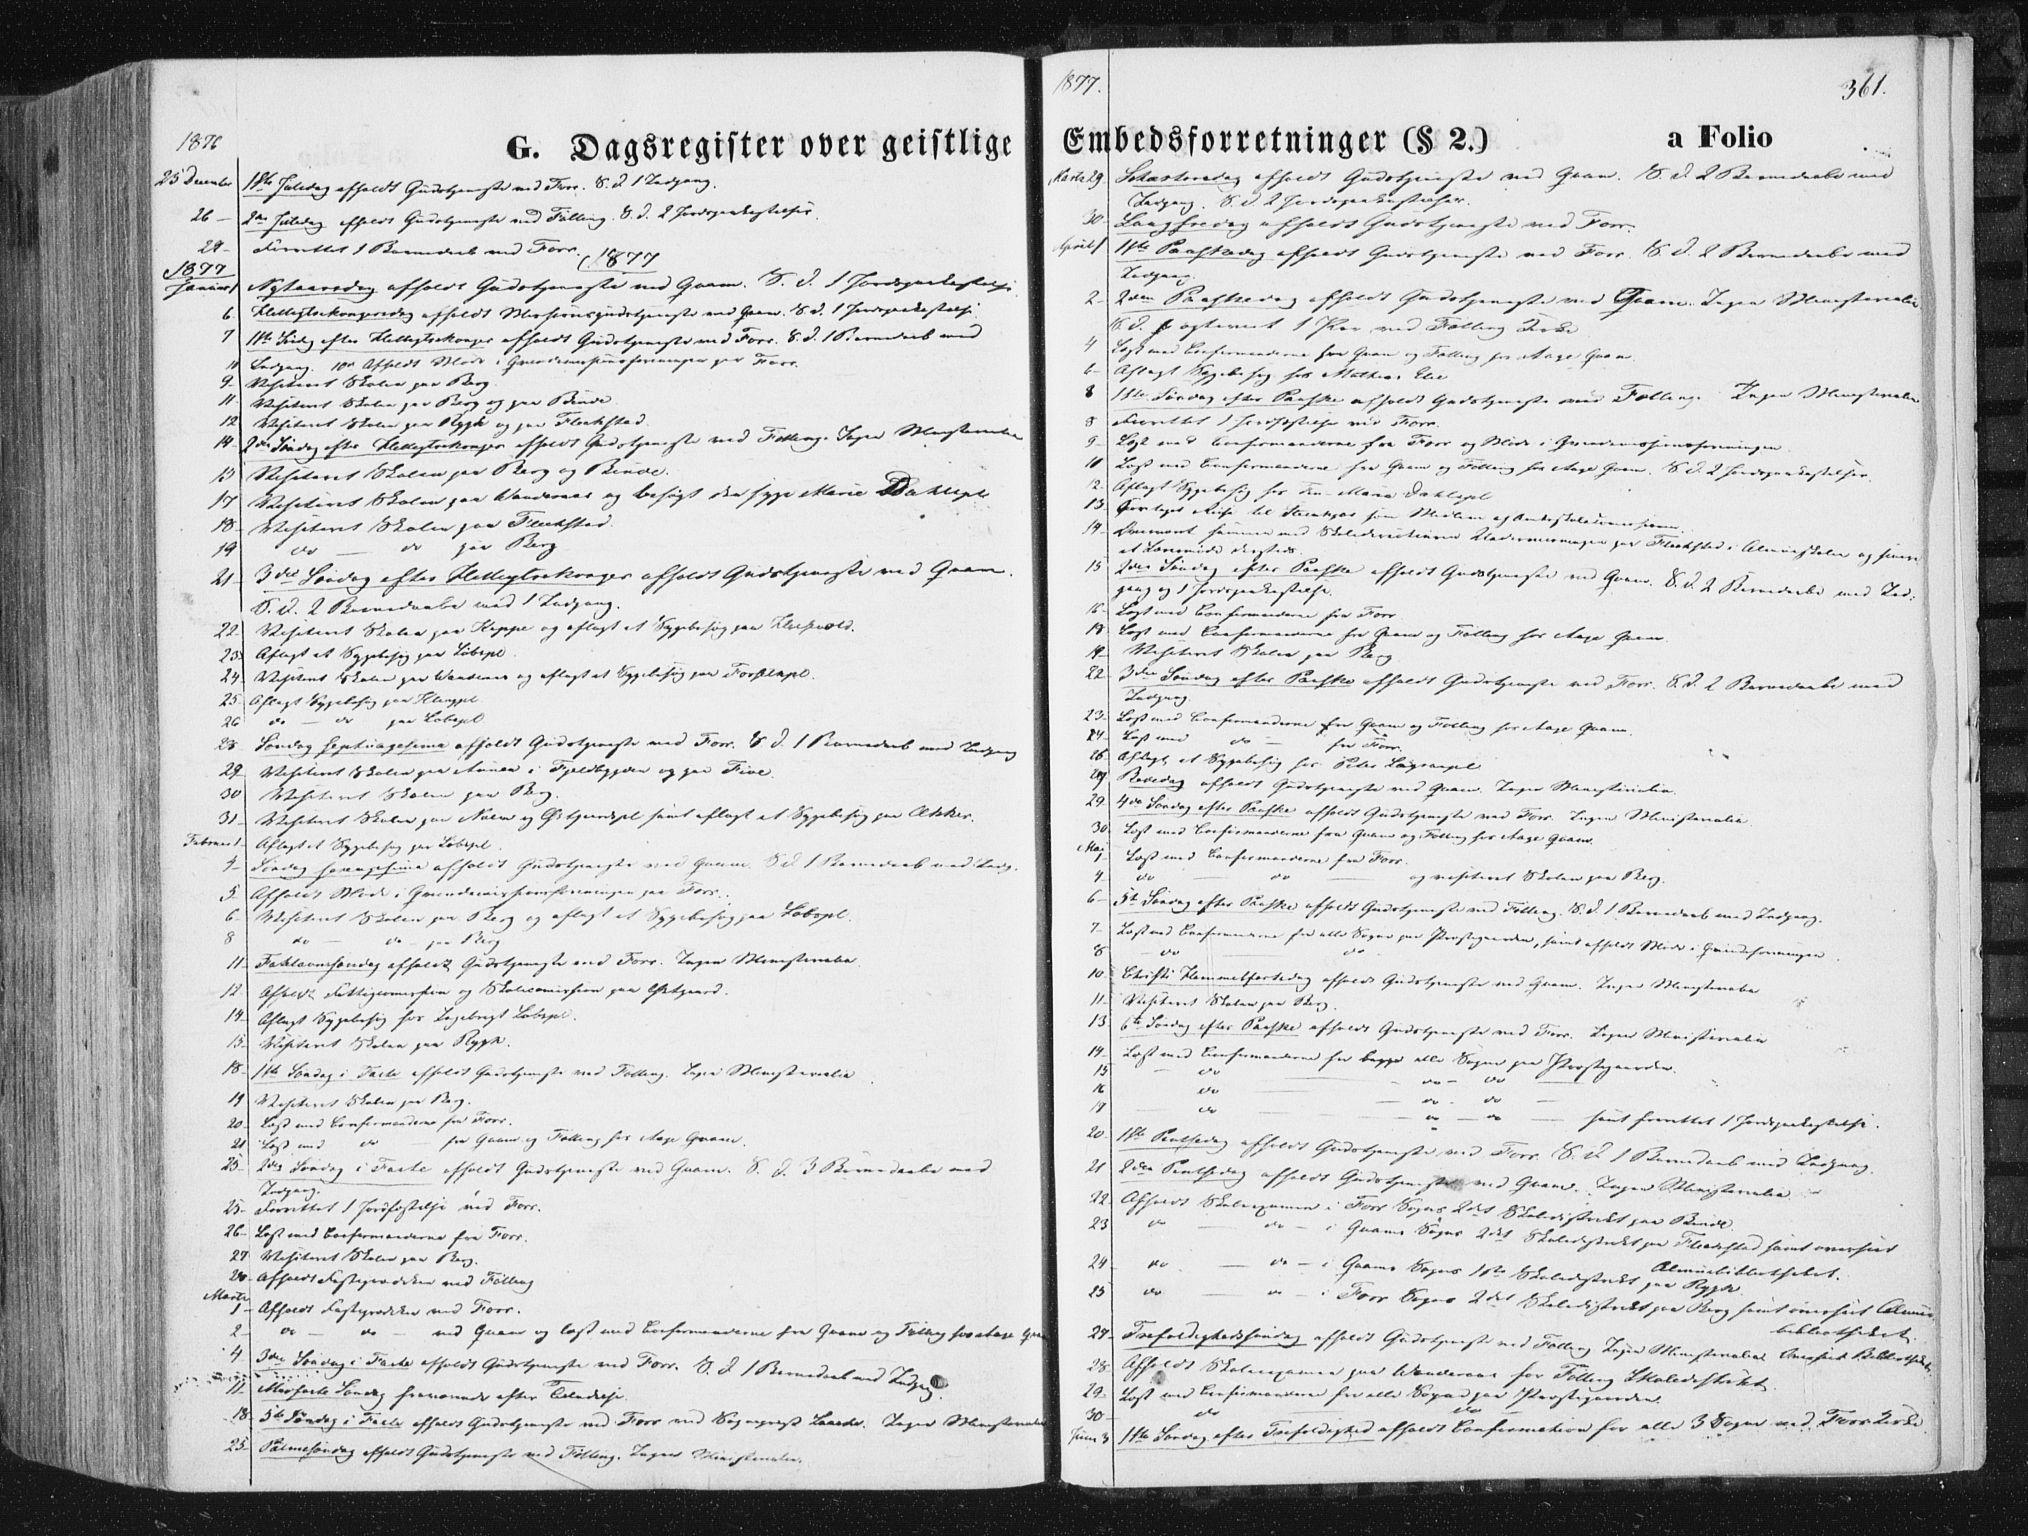 SAT, Ministerialprotokoller, klokkerbøker og fødselsregistre - Nord-Trøndelag, 746/L0447: Ministerialbok nr. 746A06, 1860-1877, s. 361